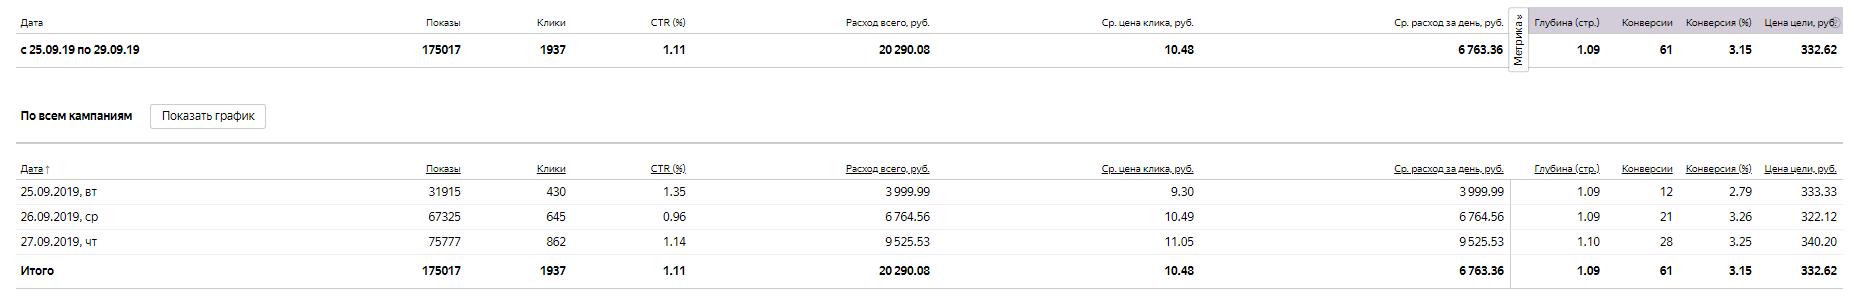 """Ниша: """"Продажа элитных шпицев в Москве и МО"""". Стоимость конверсии 332р, стоимость продажи составила 1400р"""